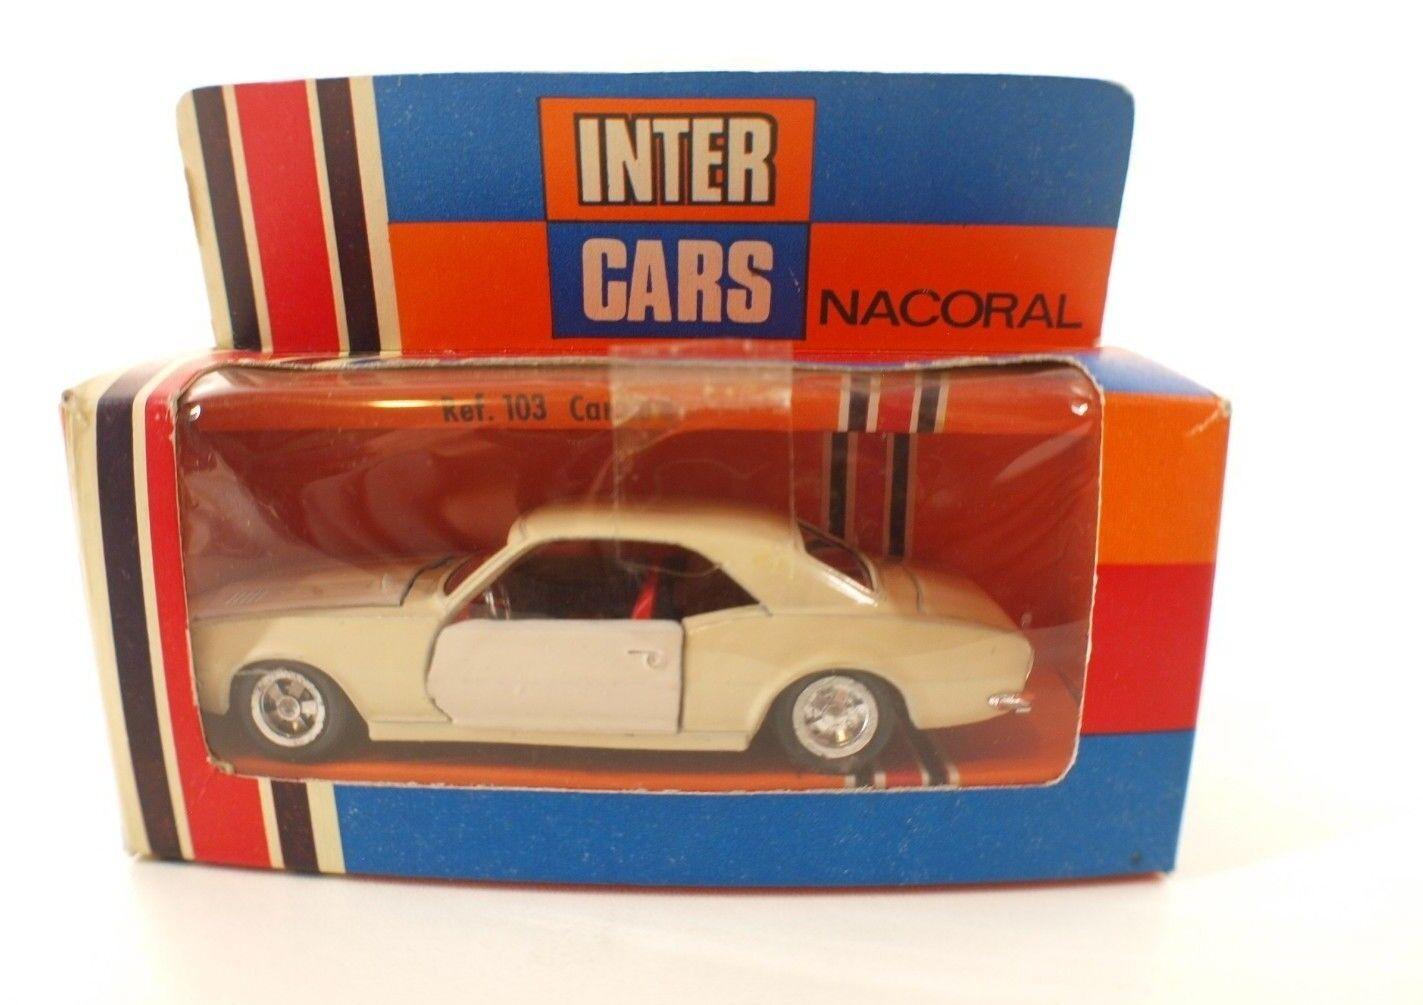 Inter cars nacoral spain n º 103 camaro Chevrolet 1 43 in box